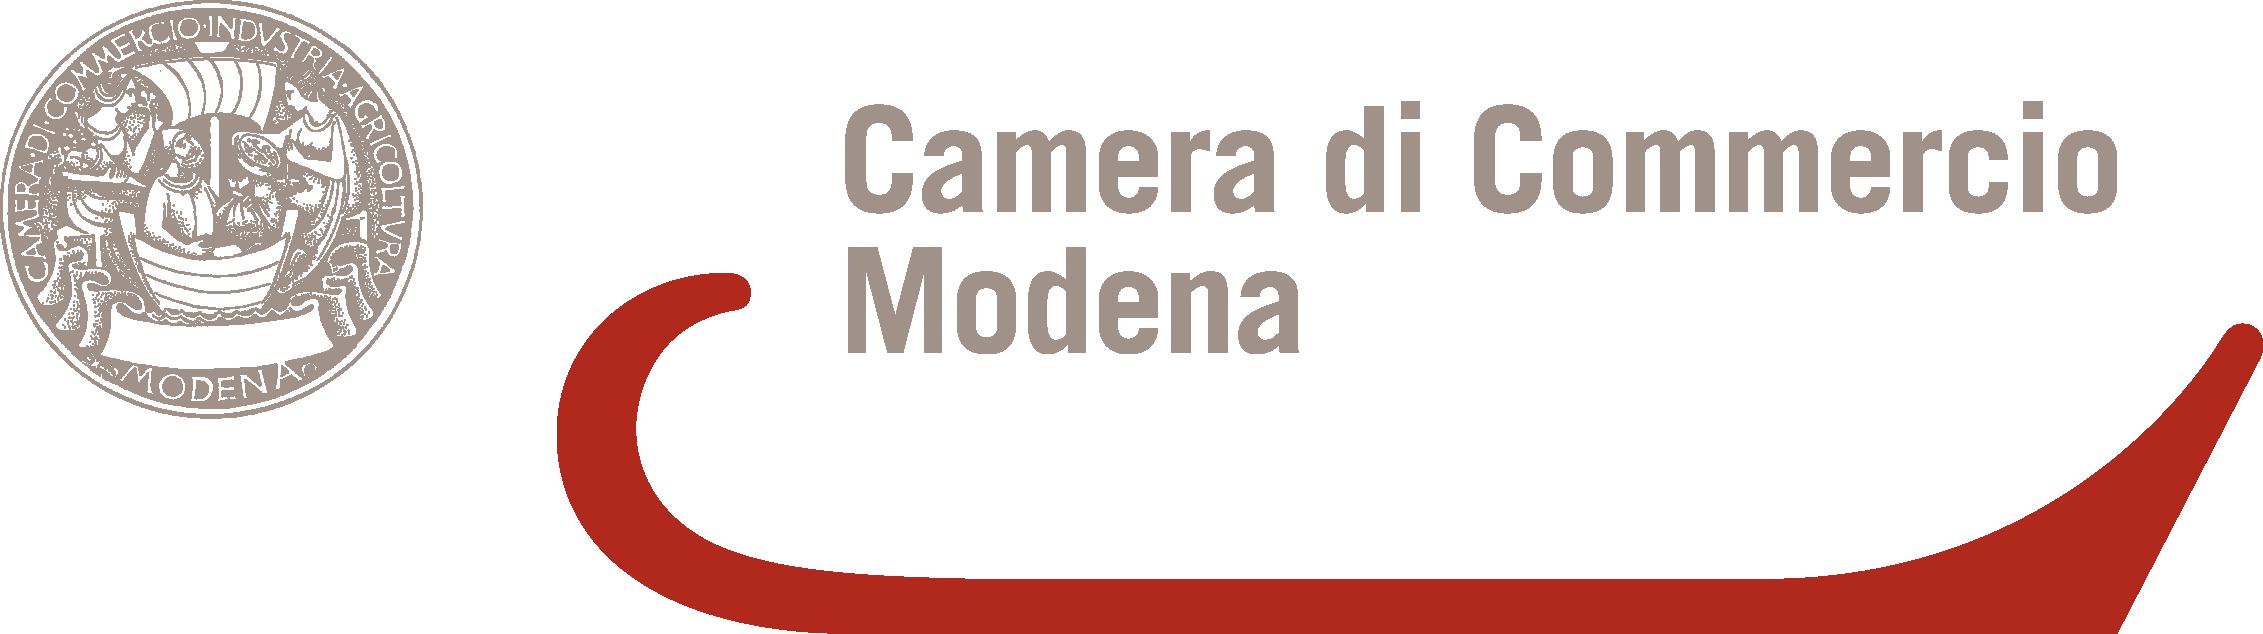 Verso Industria 4.0: contributi per la digitalizzazione delle imprese dalla Camera di Commercio di Modena